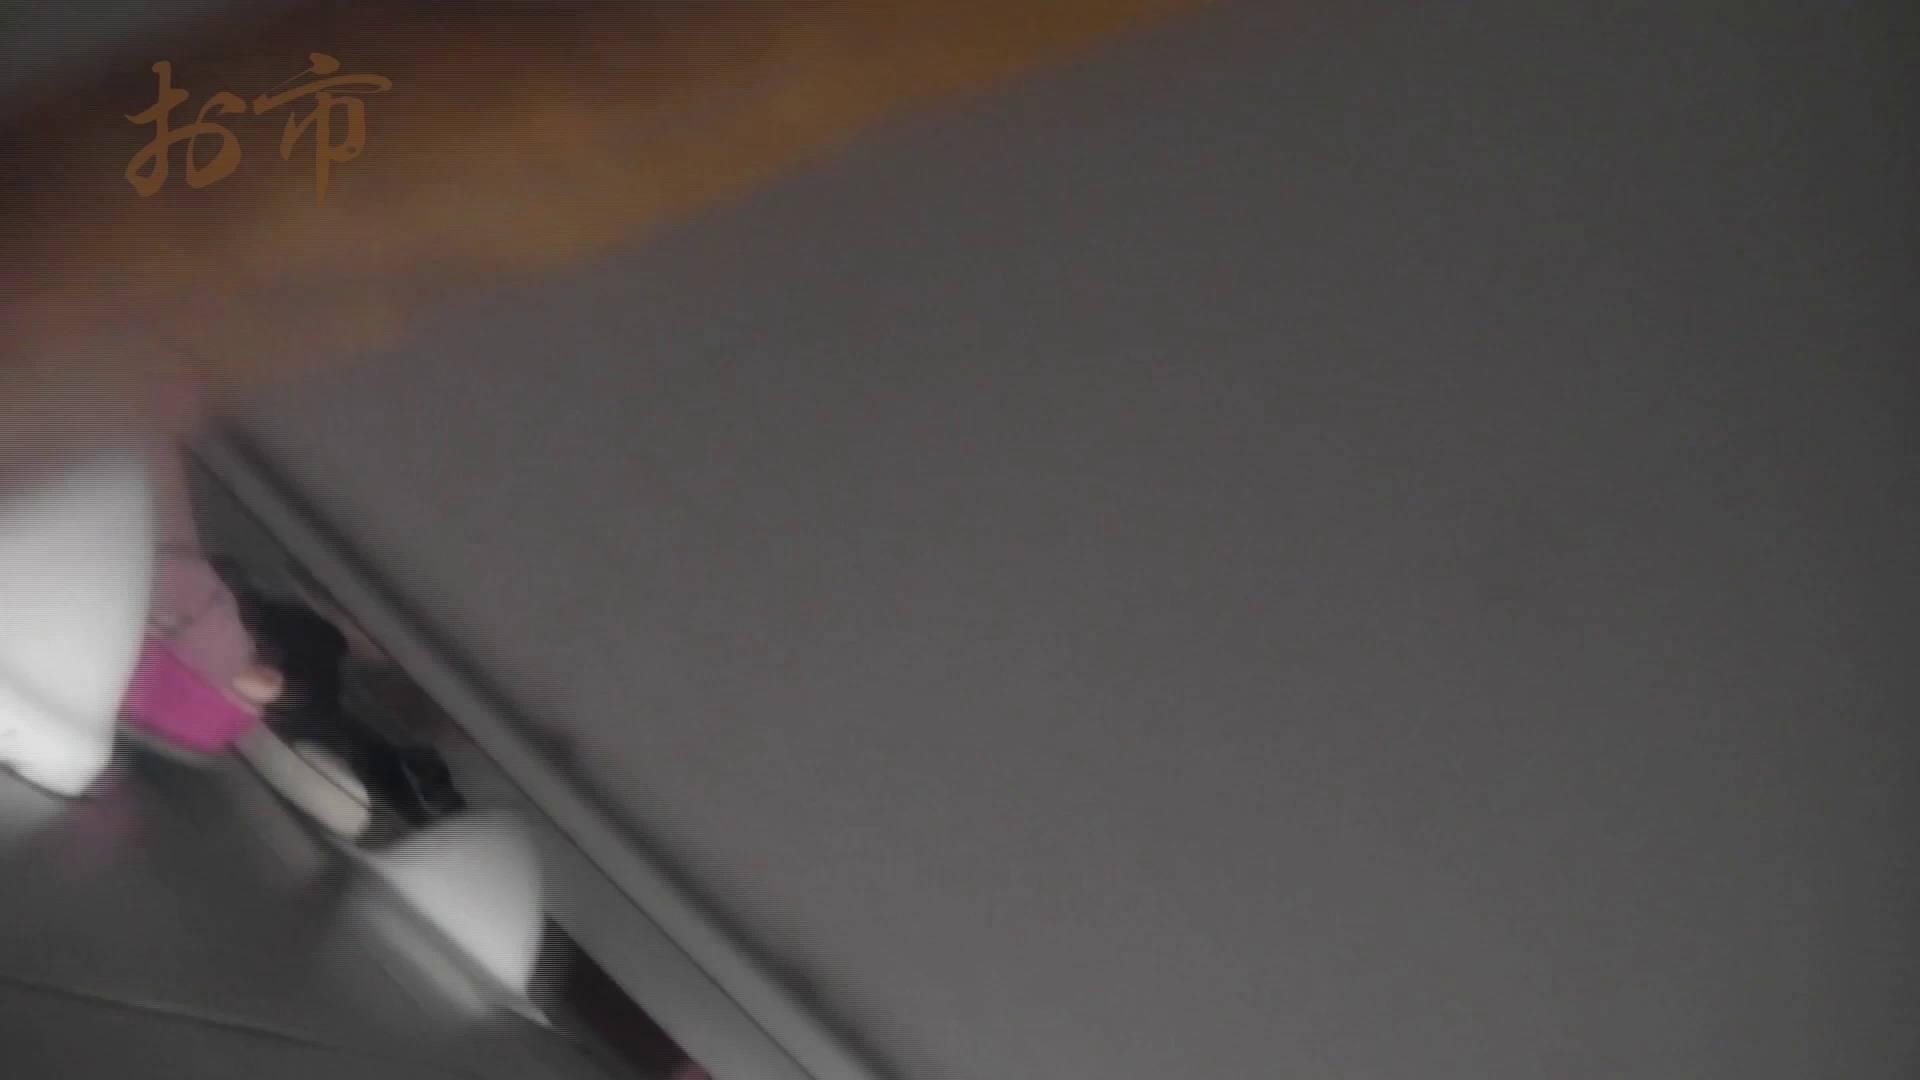 潜入!!台湾名門女学院 Vol.12 長身モデル驚き見たことないシチュエーション 高画質 オメコ動画キャプチャ 84画像 23